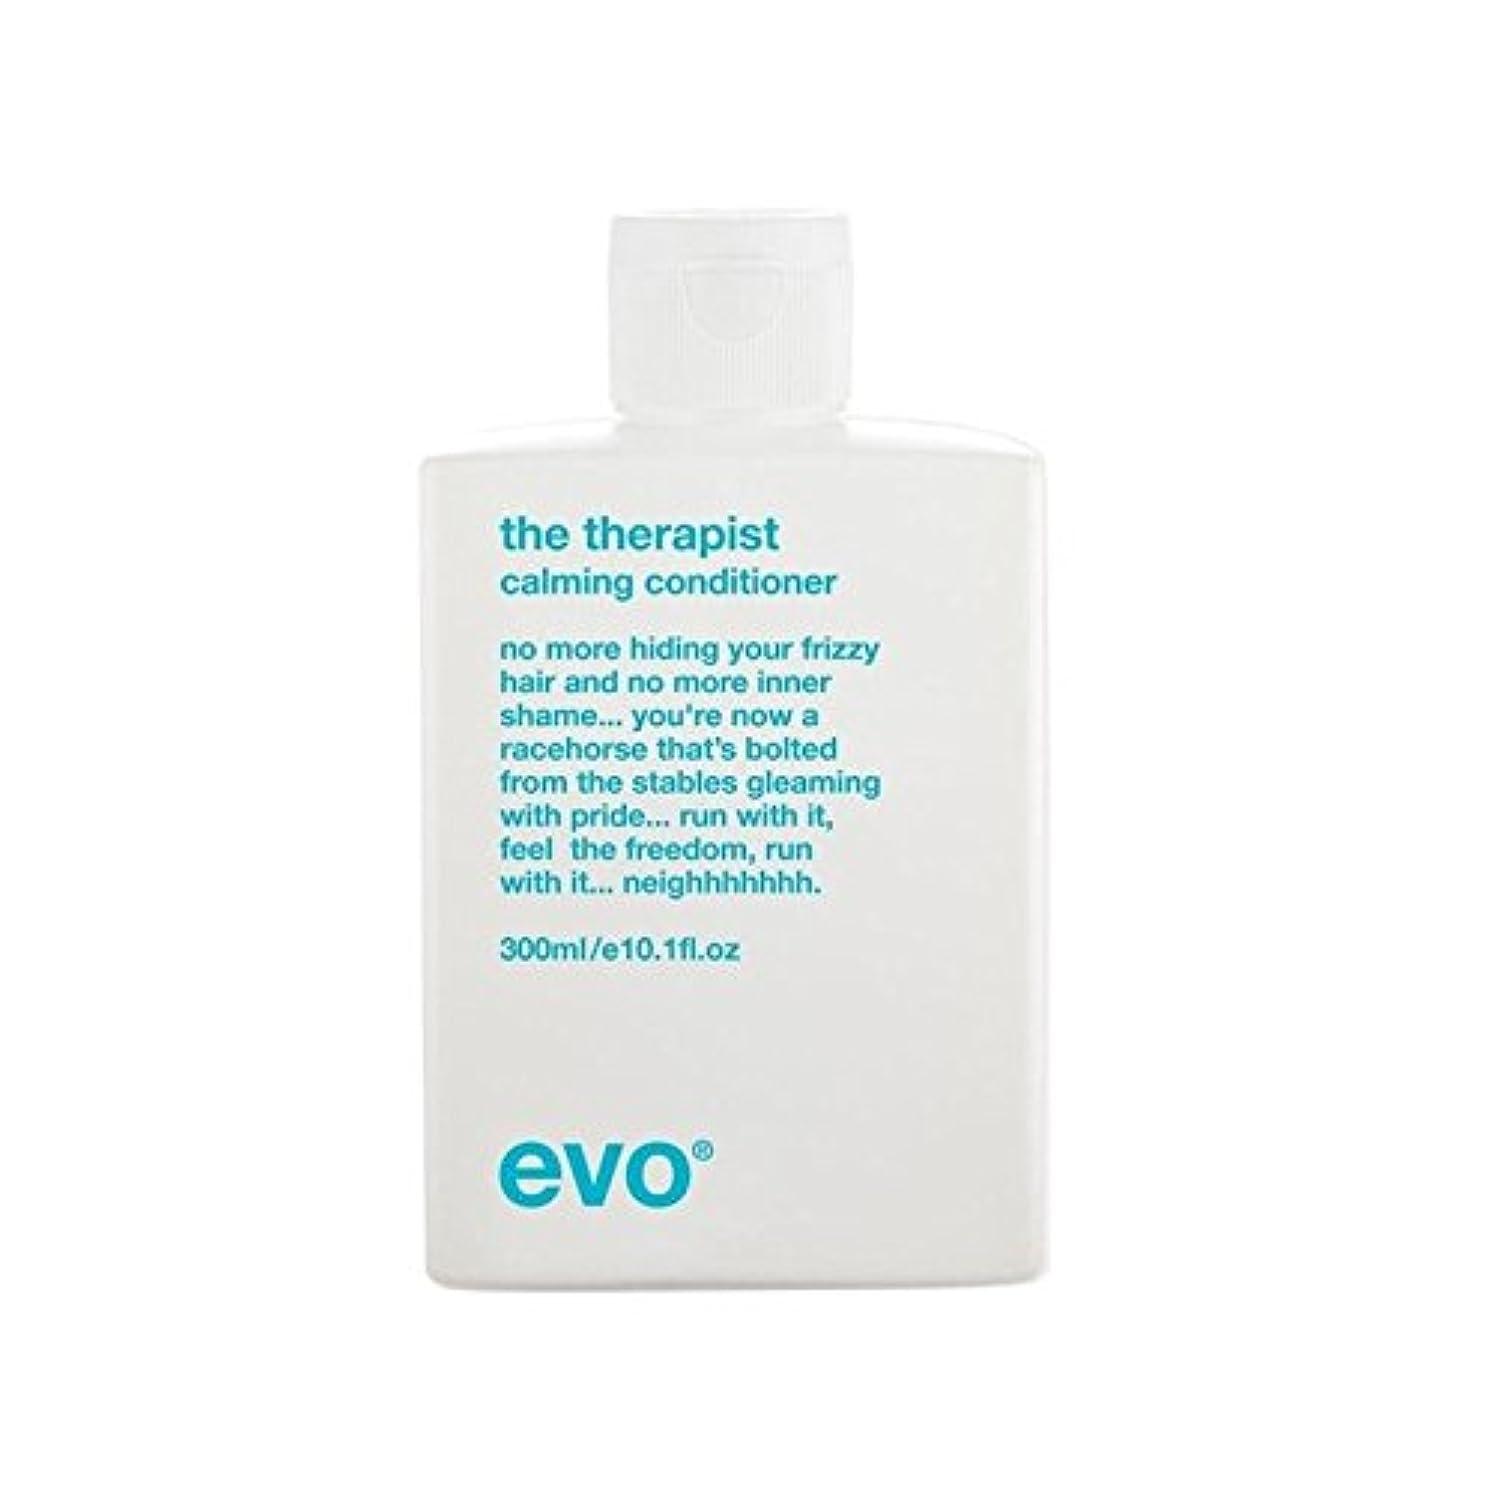 原油調整議論するセラピスト沈静コンディショナー(300ミリリットル) x2 - Evo The Therapist Calming Conditioner (300ml) (Pack of 2) [並行輸入品]